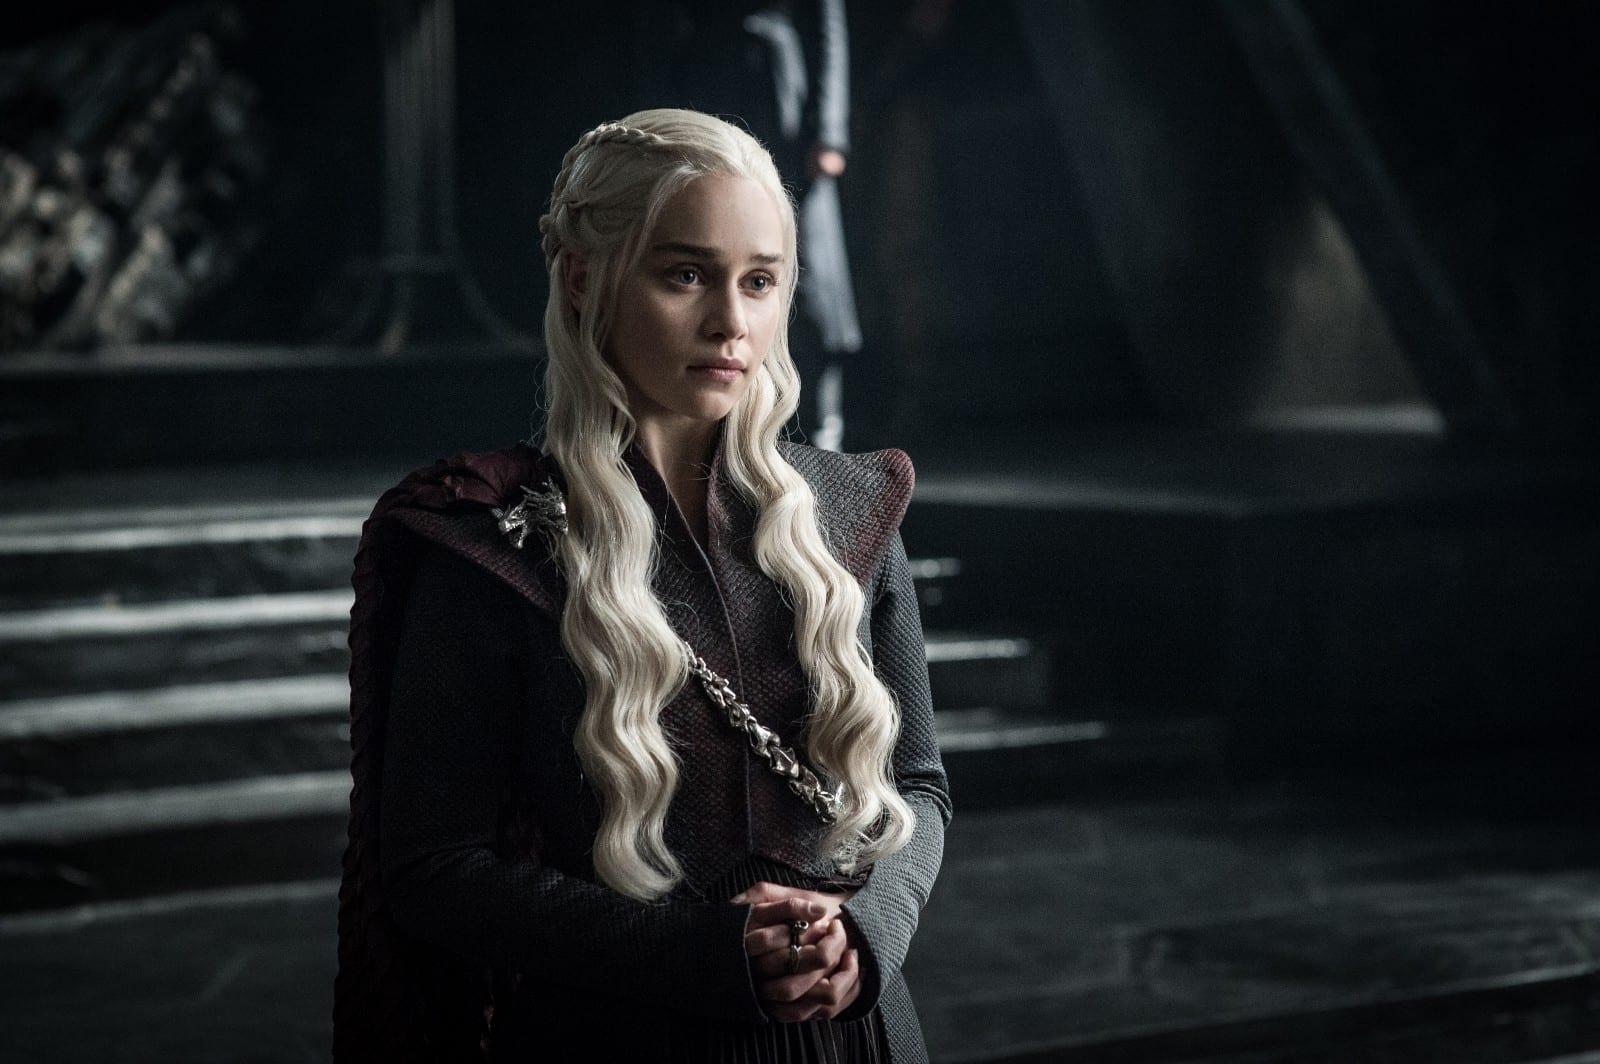 Game of Thrones, Game of Thrones Season 7, Daenerys Targaryen